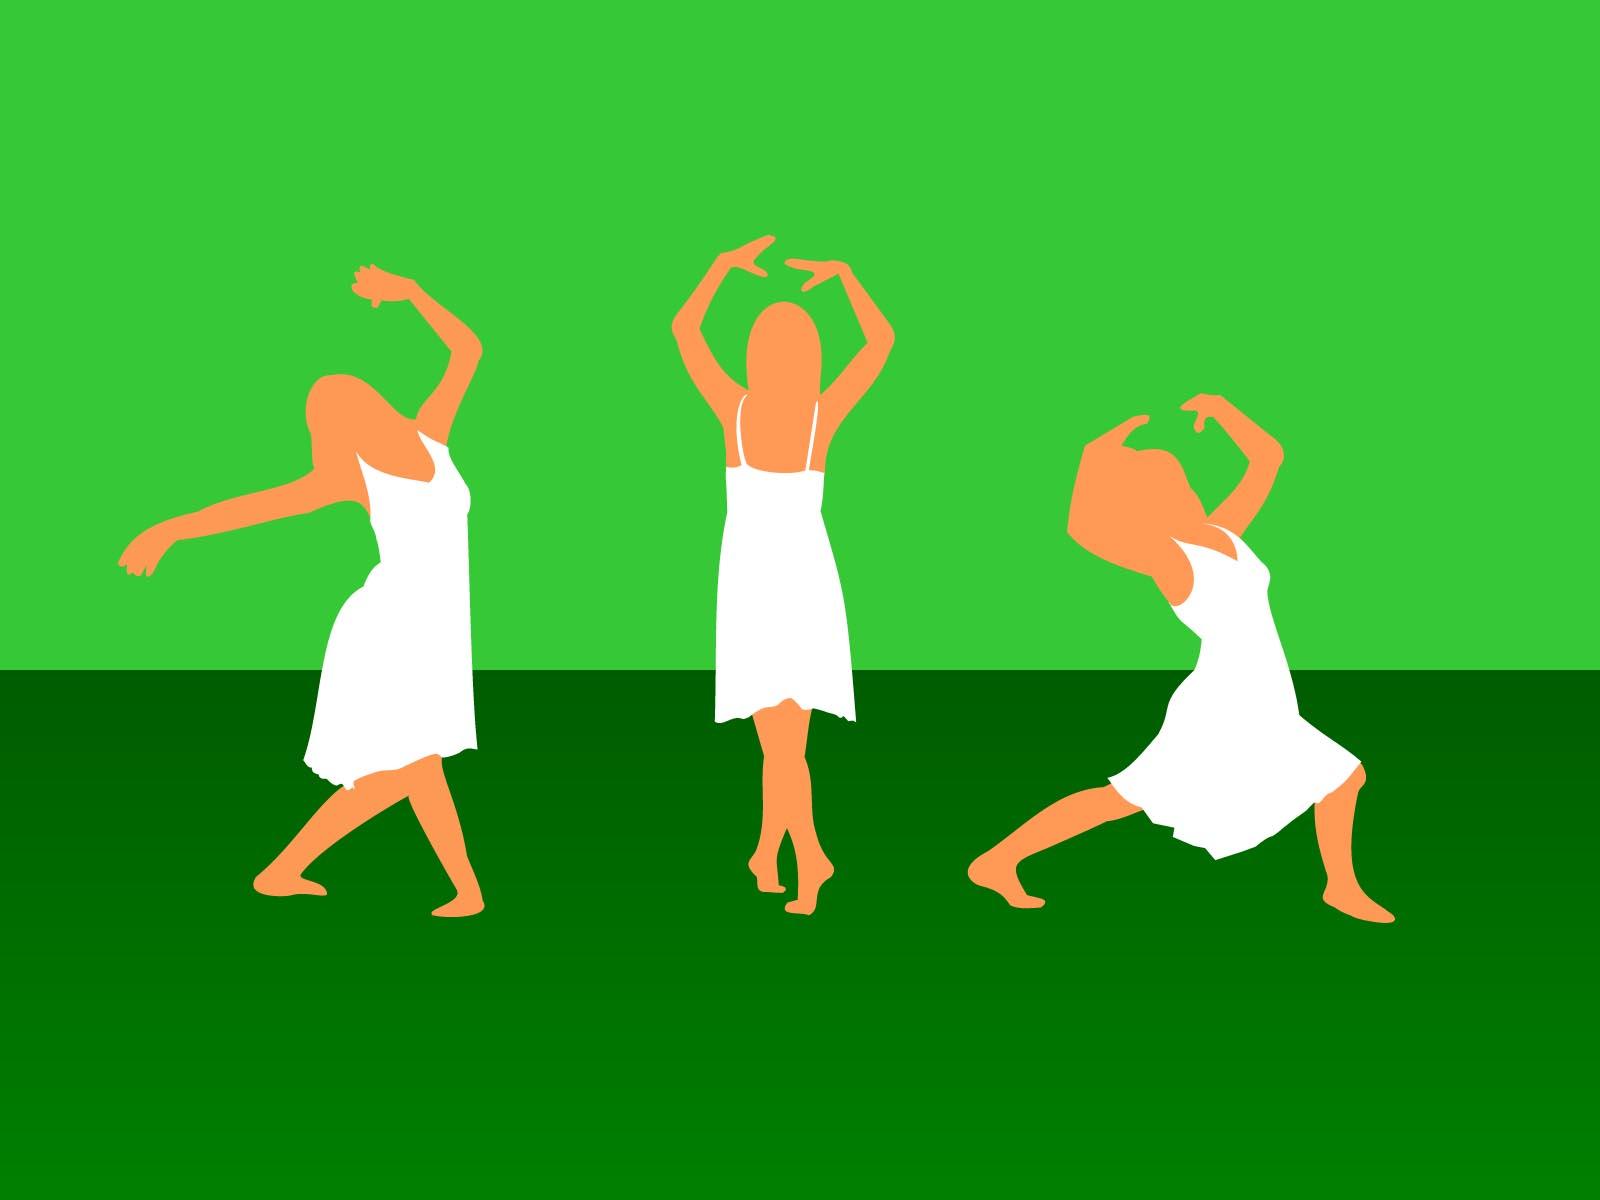 Движение танцев для детей картинки